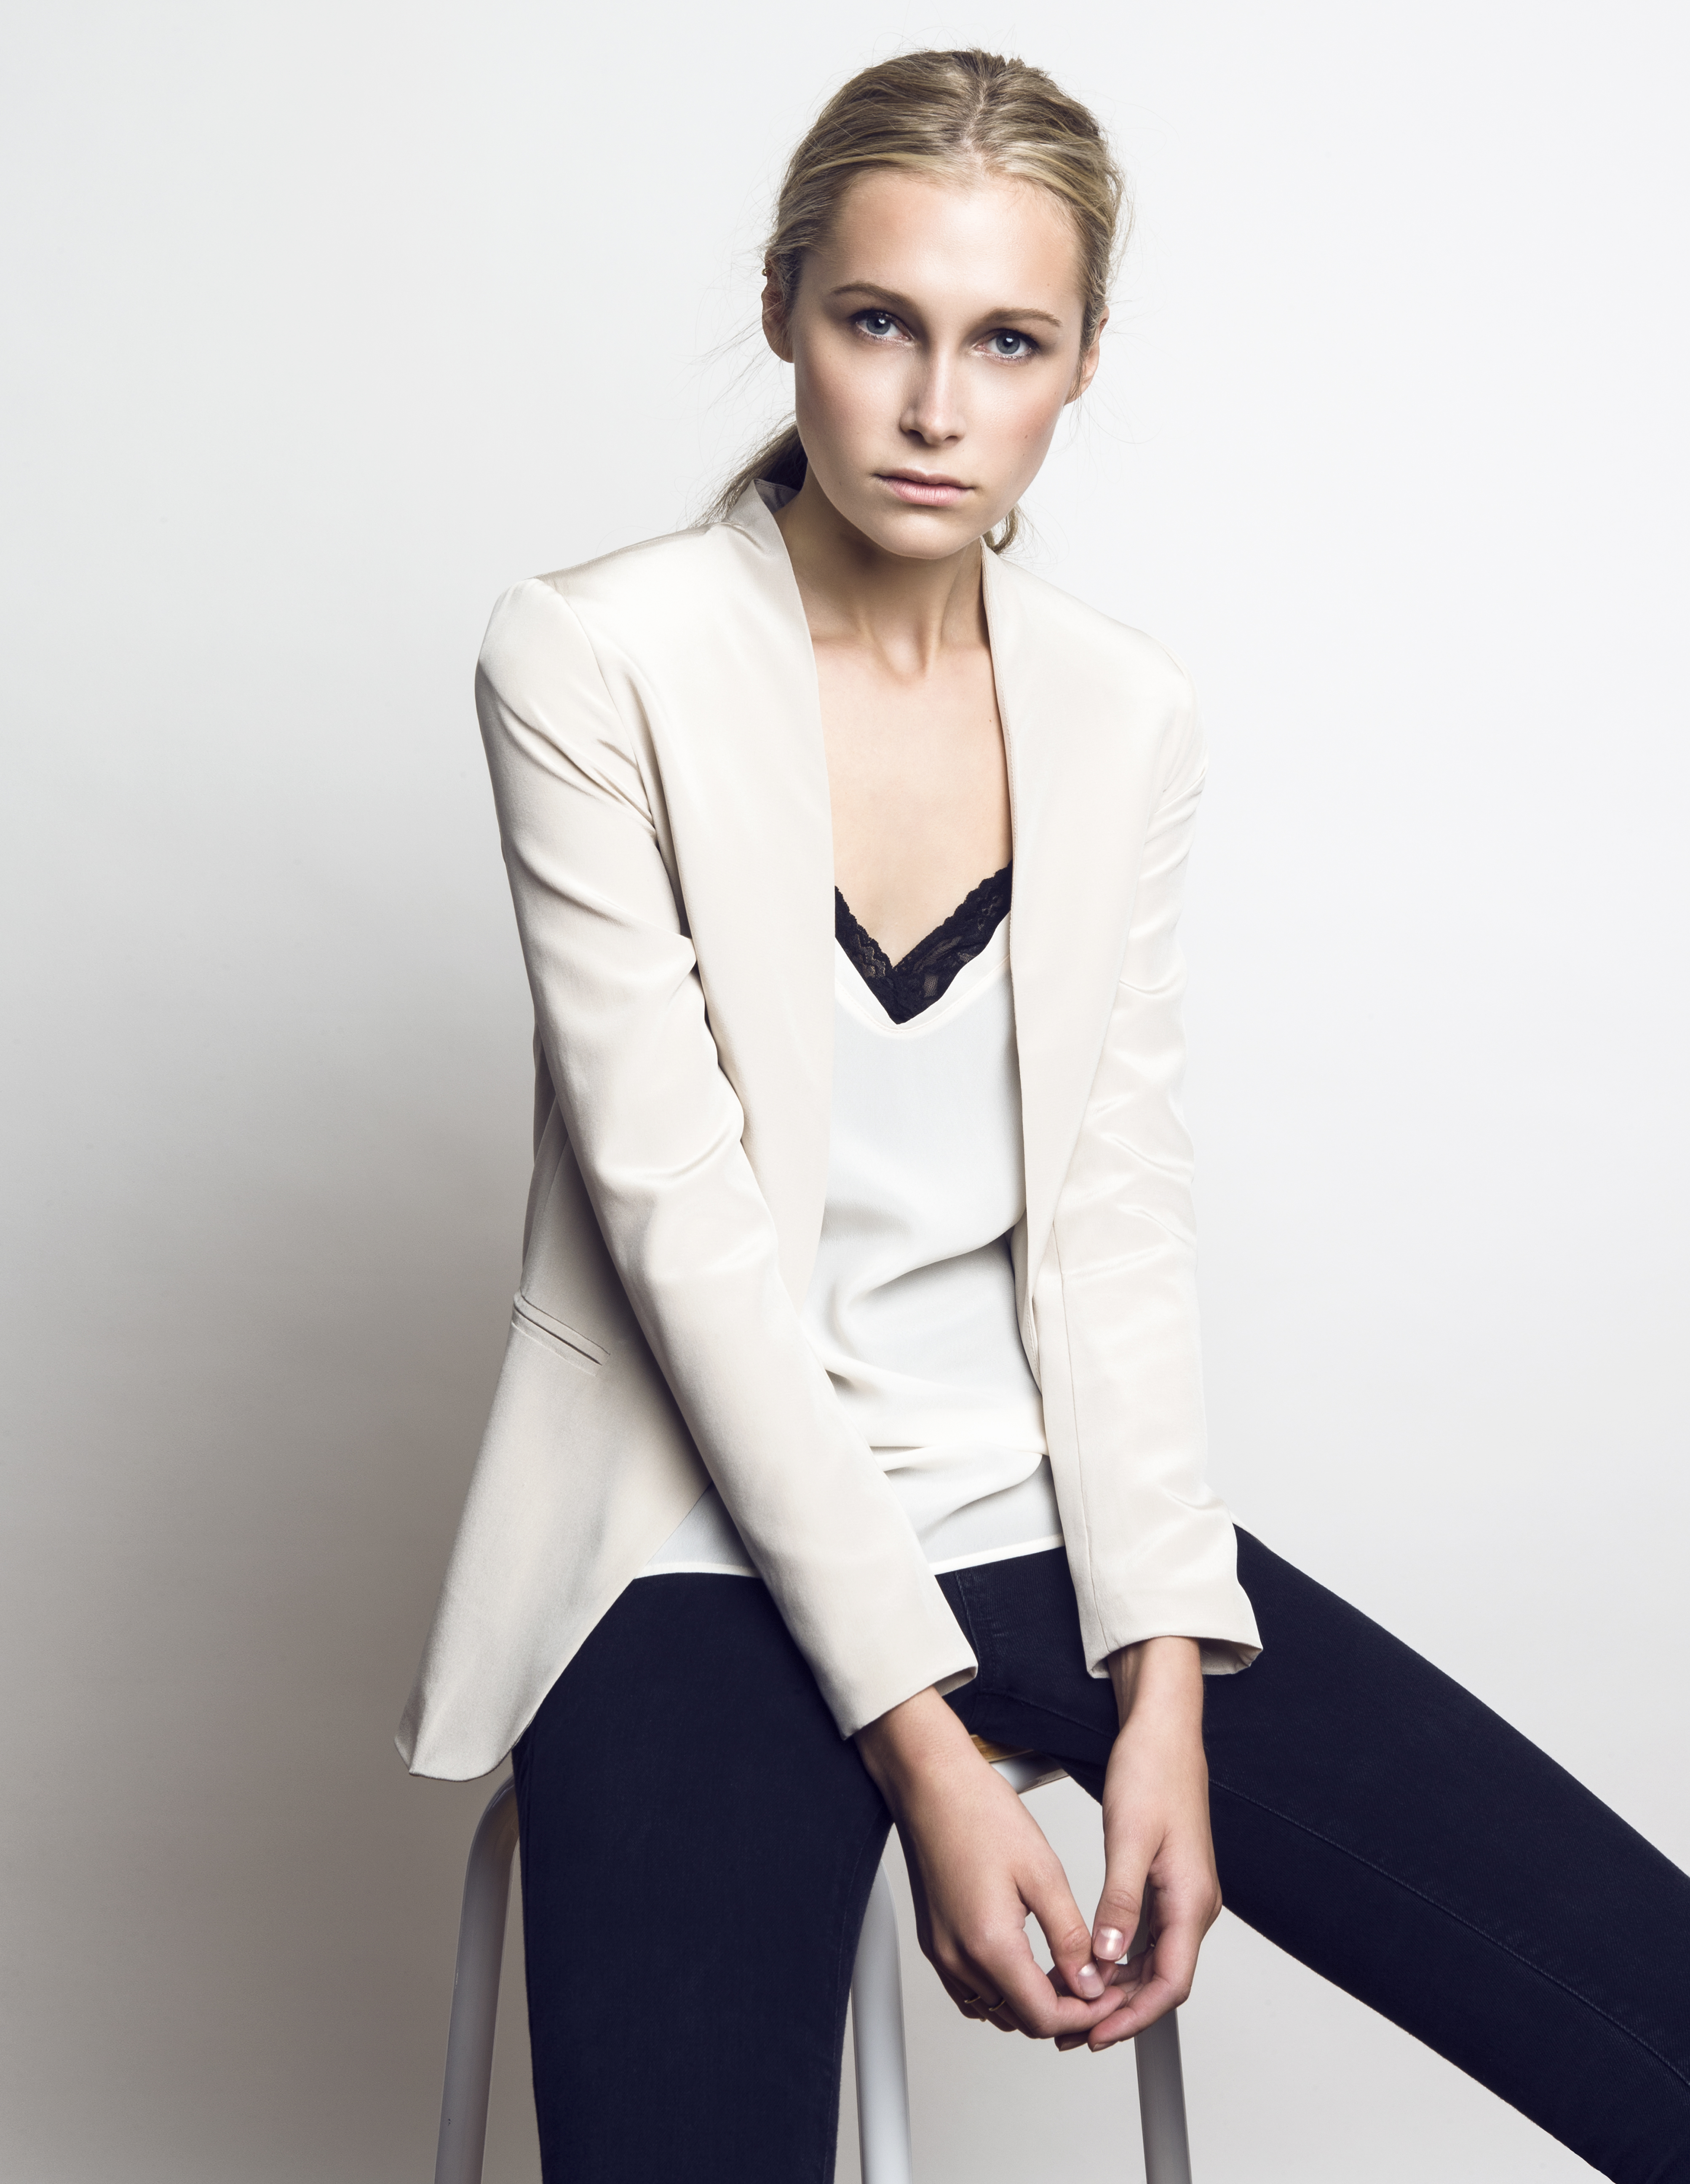 Juliette Hogan Louise Dress